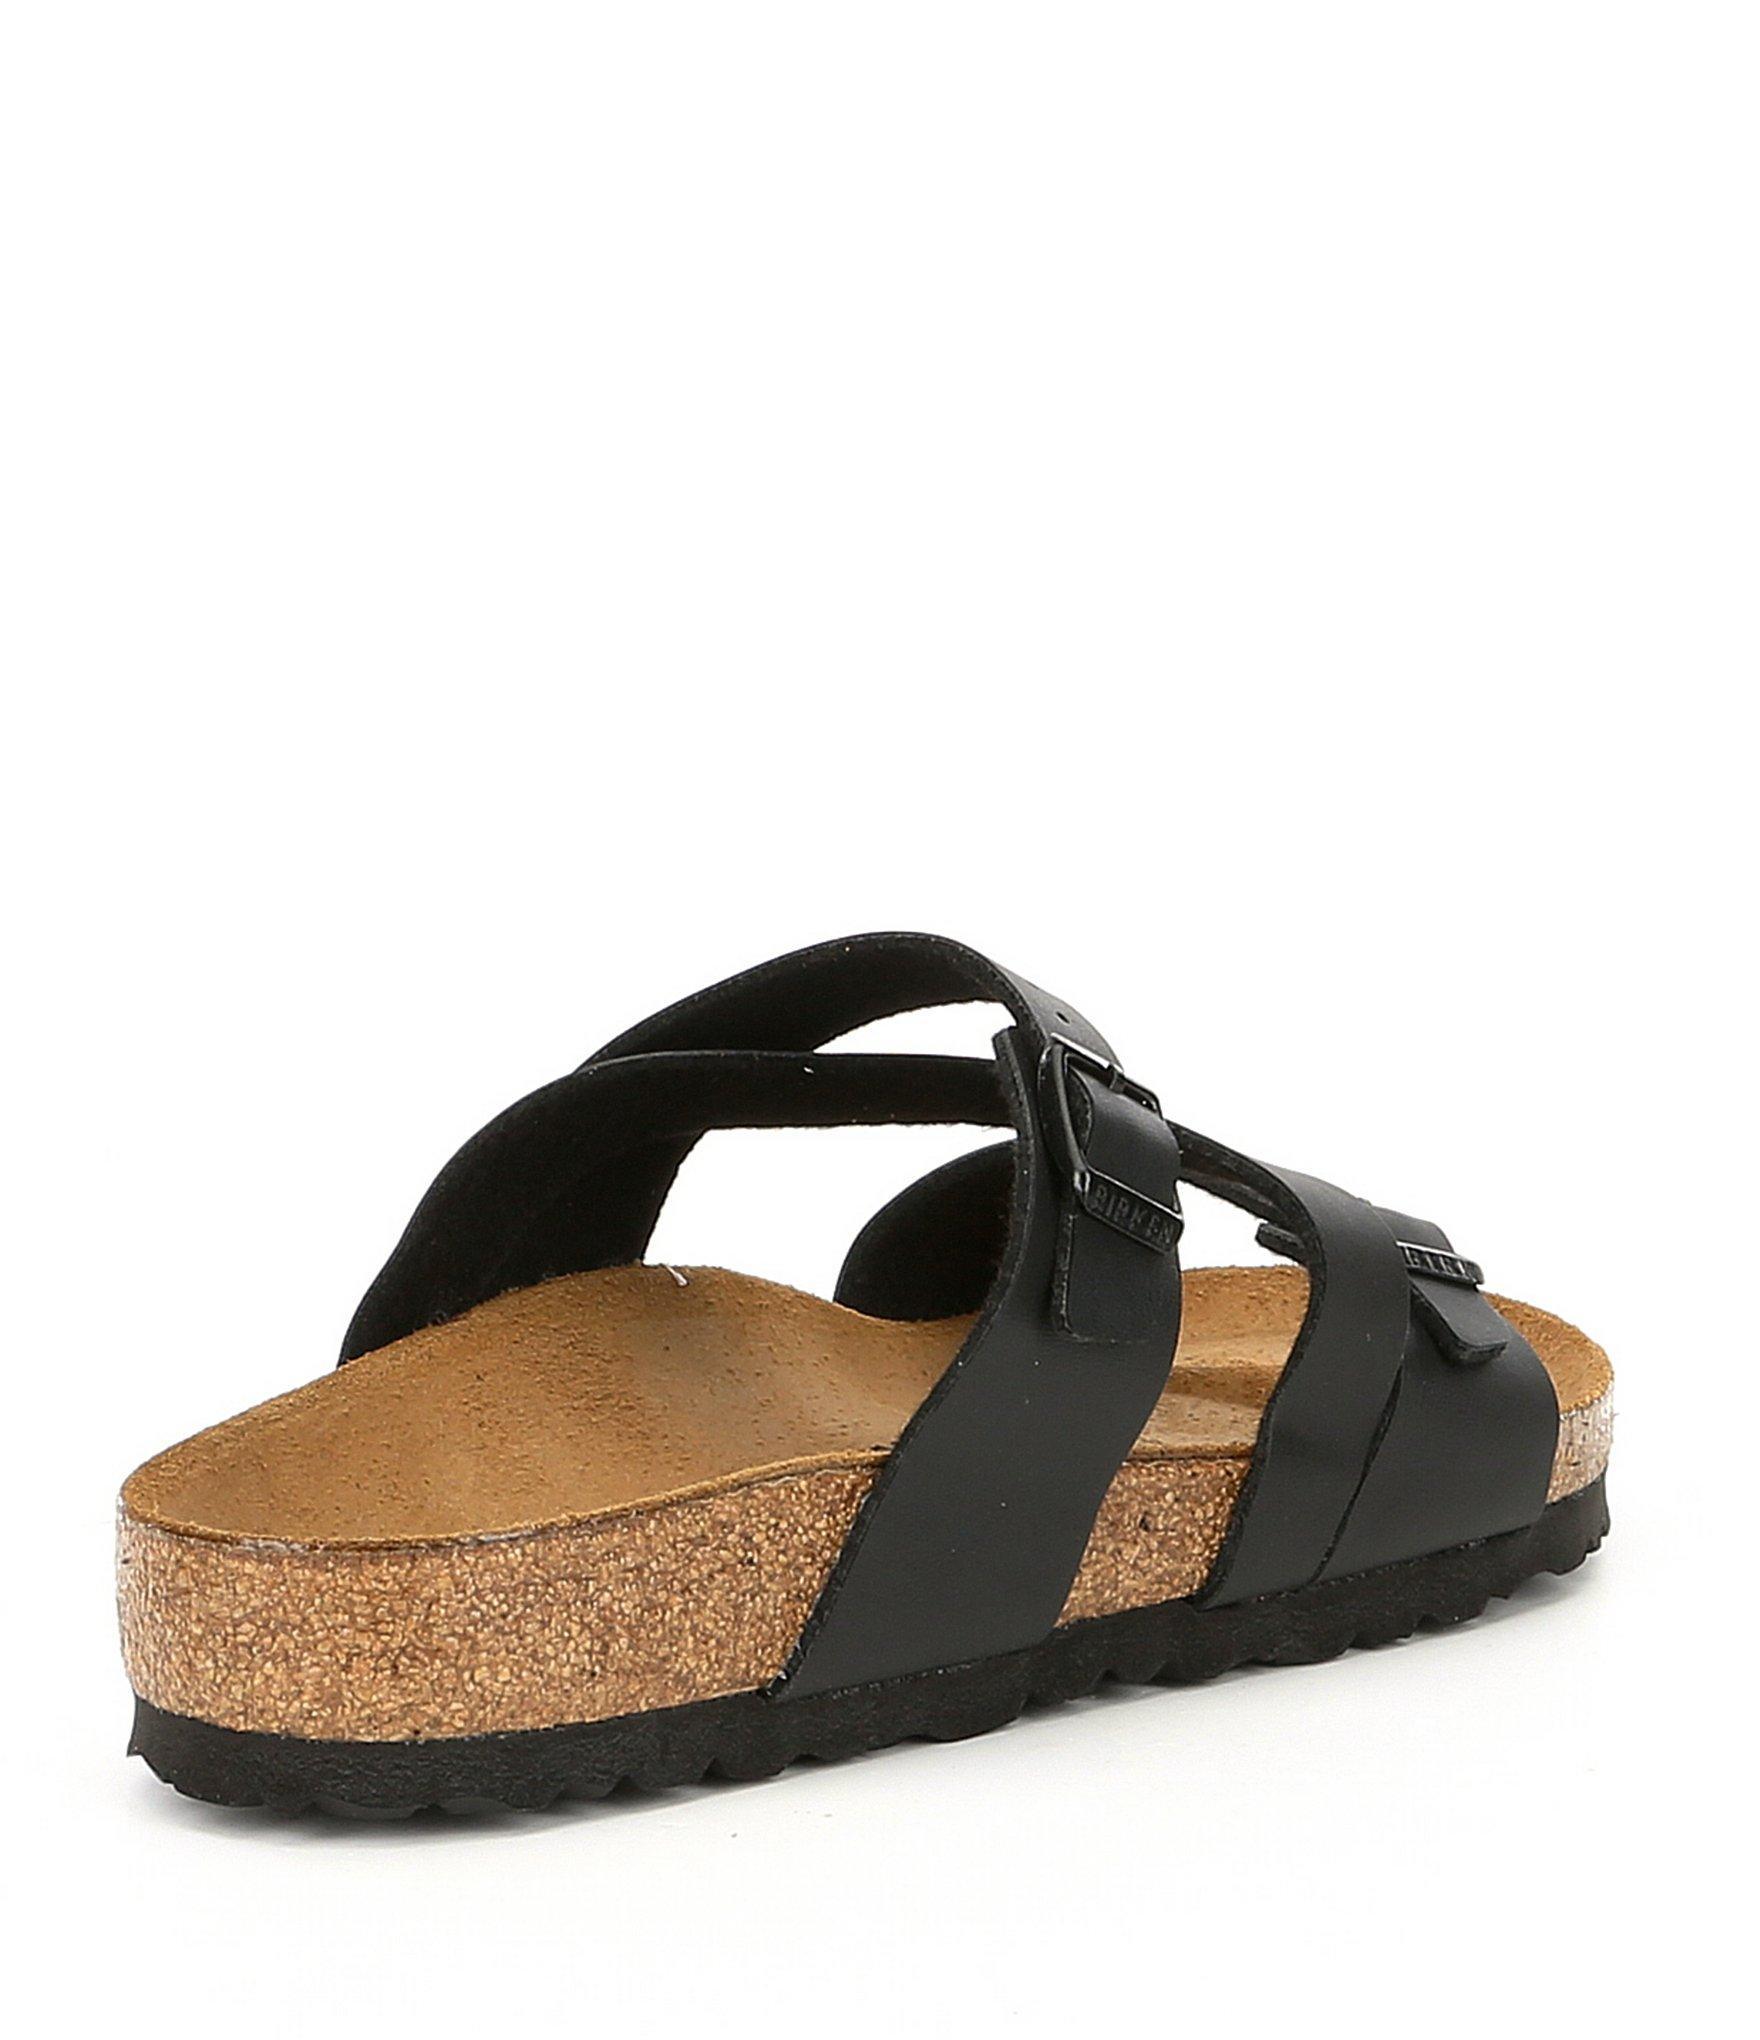 96cedd1130f Lyst - Birkenstock Salina Sandals in Black